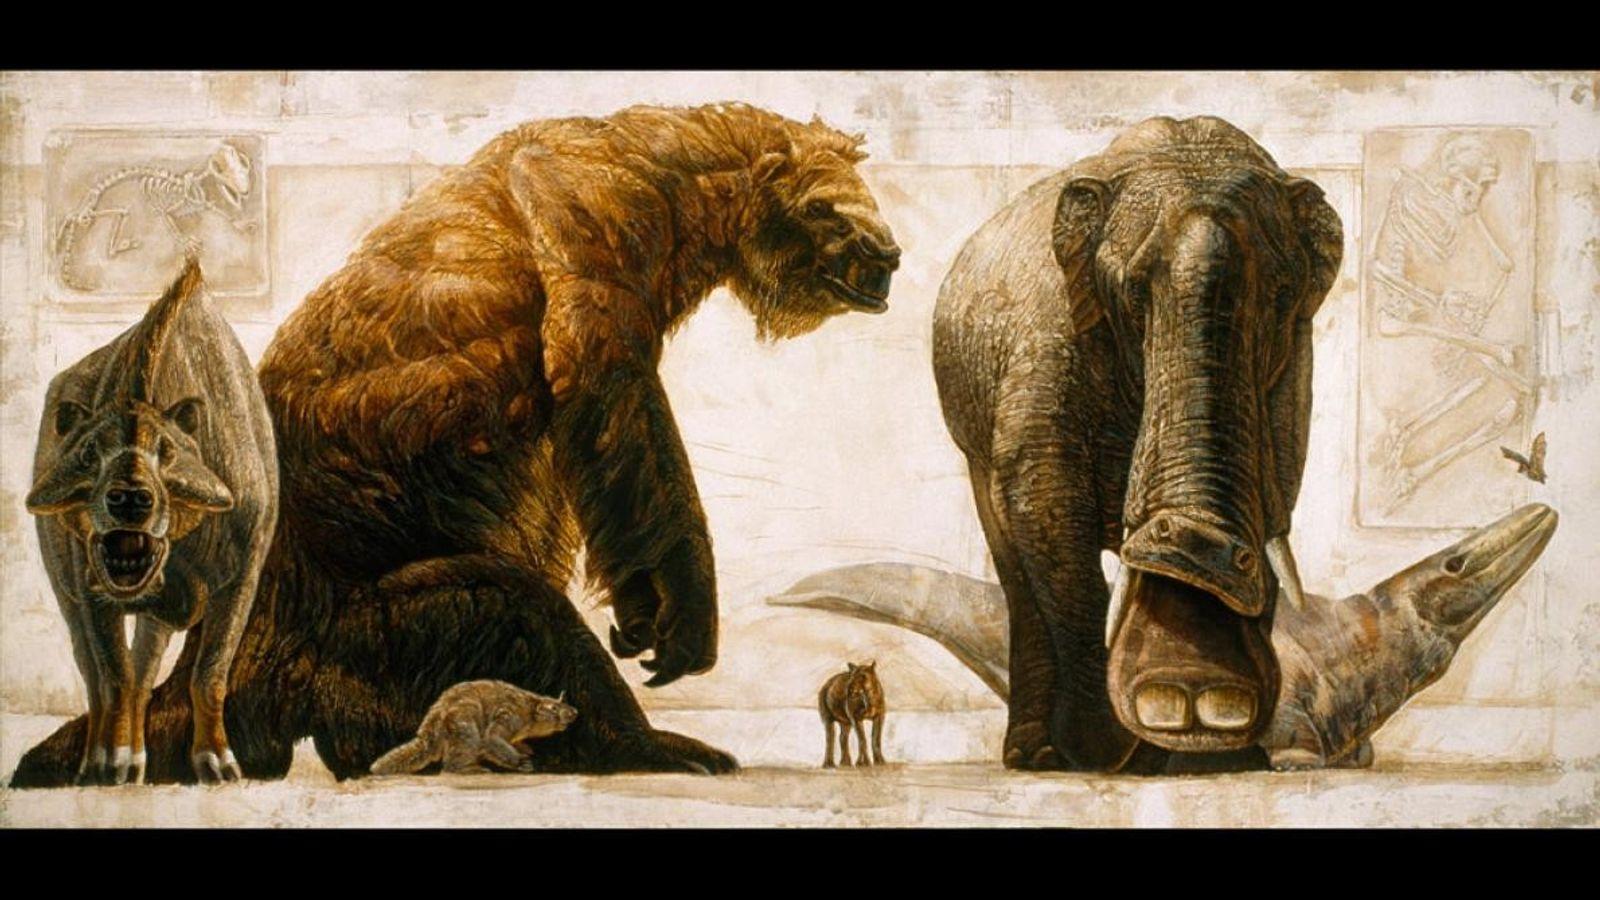 Image extraite d'une série d'illustration représentant des créatures préhistoriques afin de montrer l'évolution des mammifères à ...